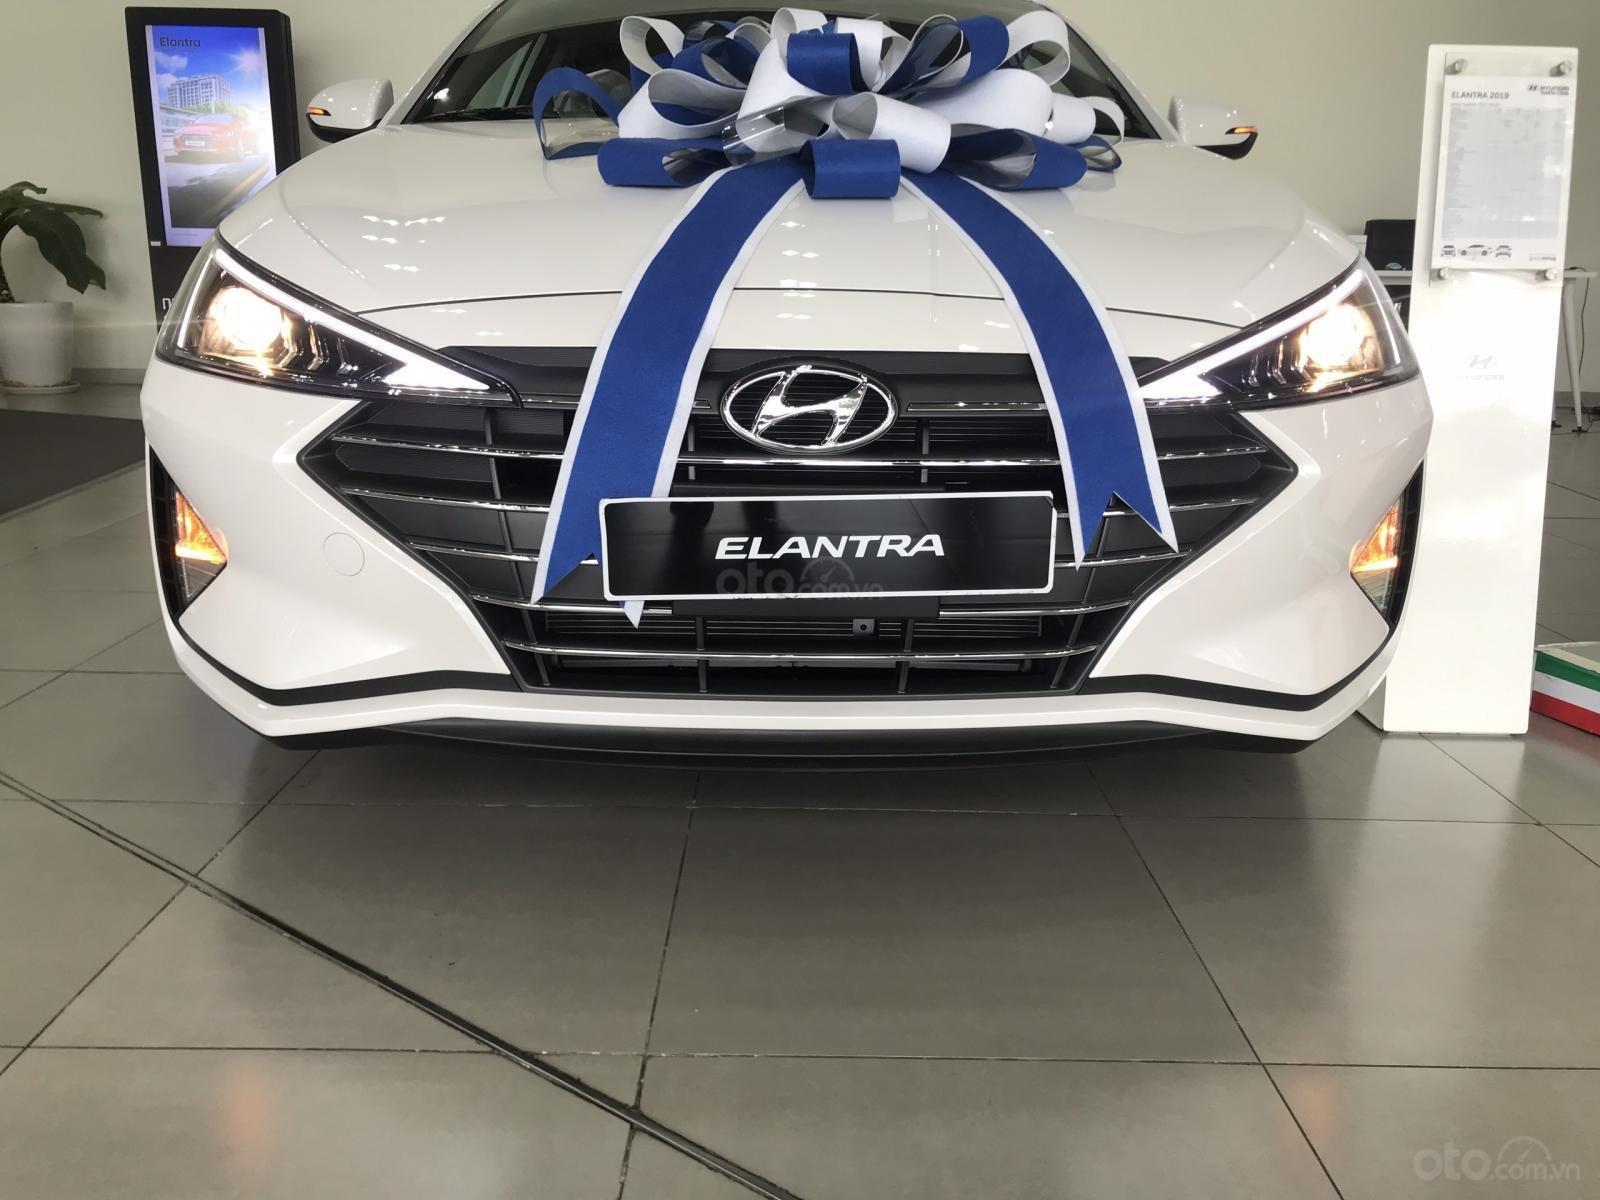 Bán Hyundai Elantra 2.0 AT Facelift giao ngay, hỗ trợ vay trả góp LS ưu đãi - LH: 0977 139 312 (1)